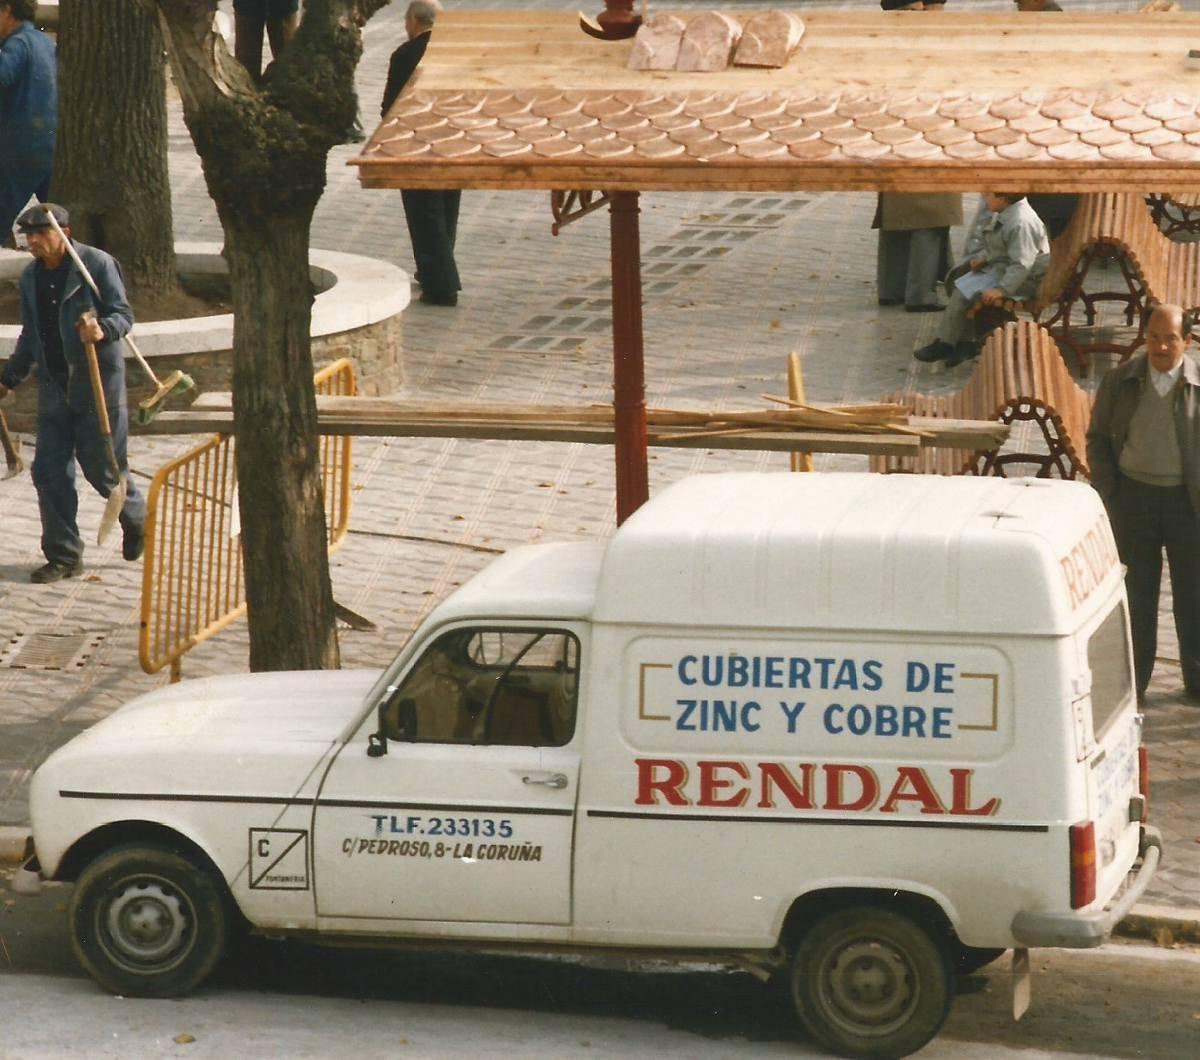 Foto histórica de un vehículo de Rendal en los años 80.